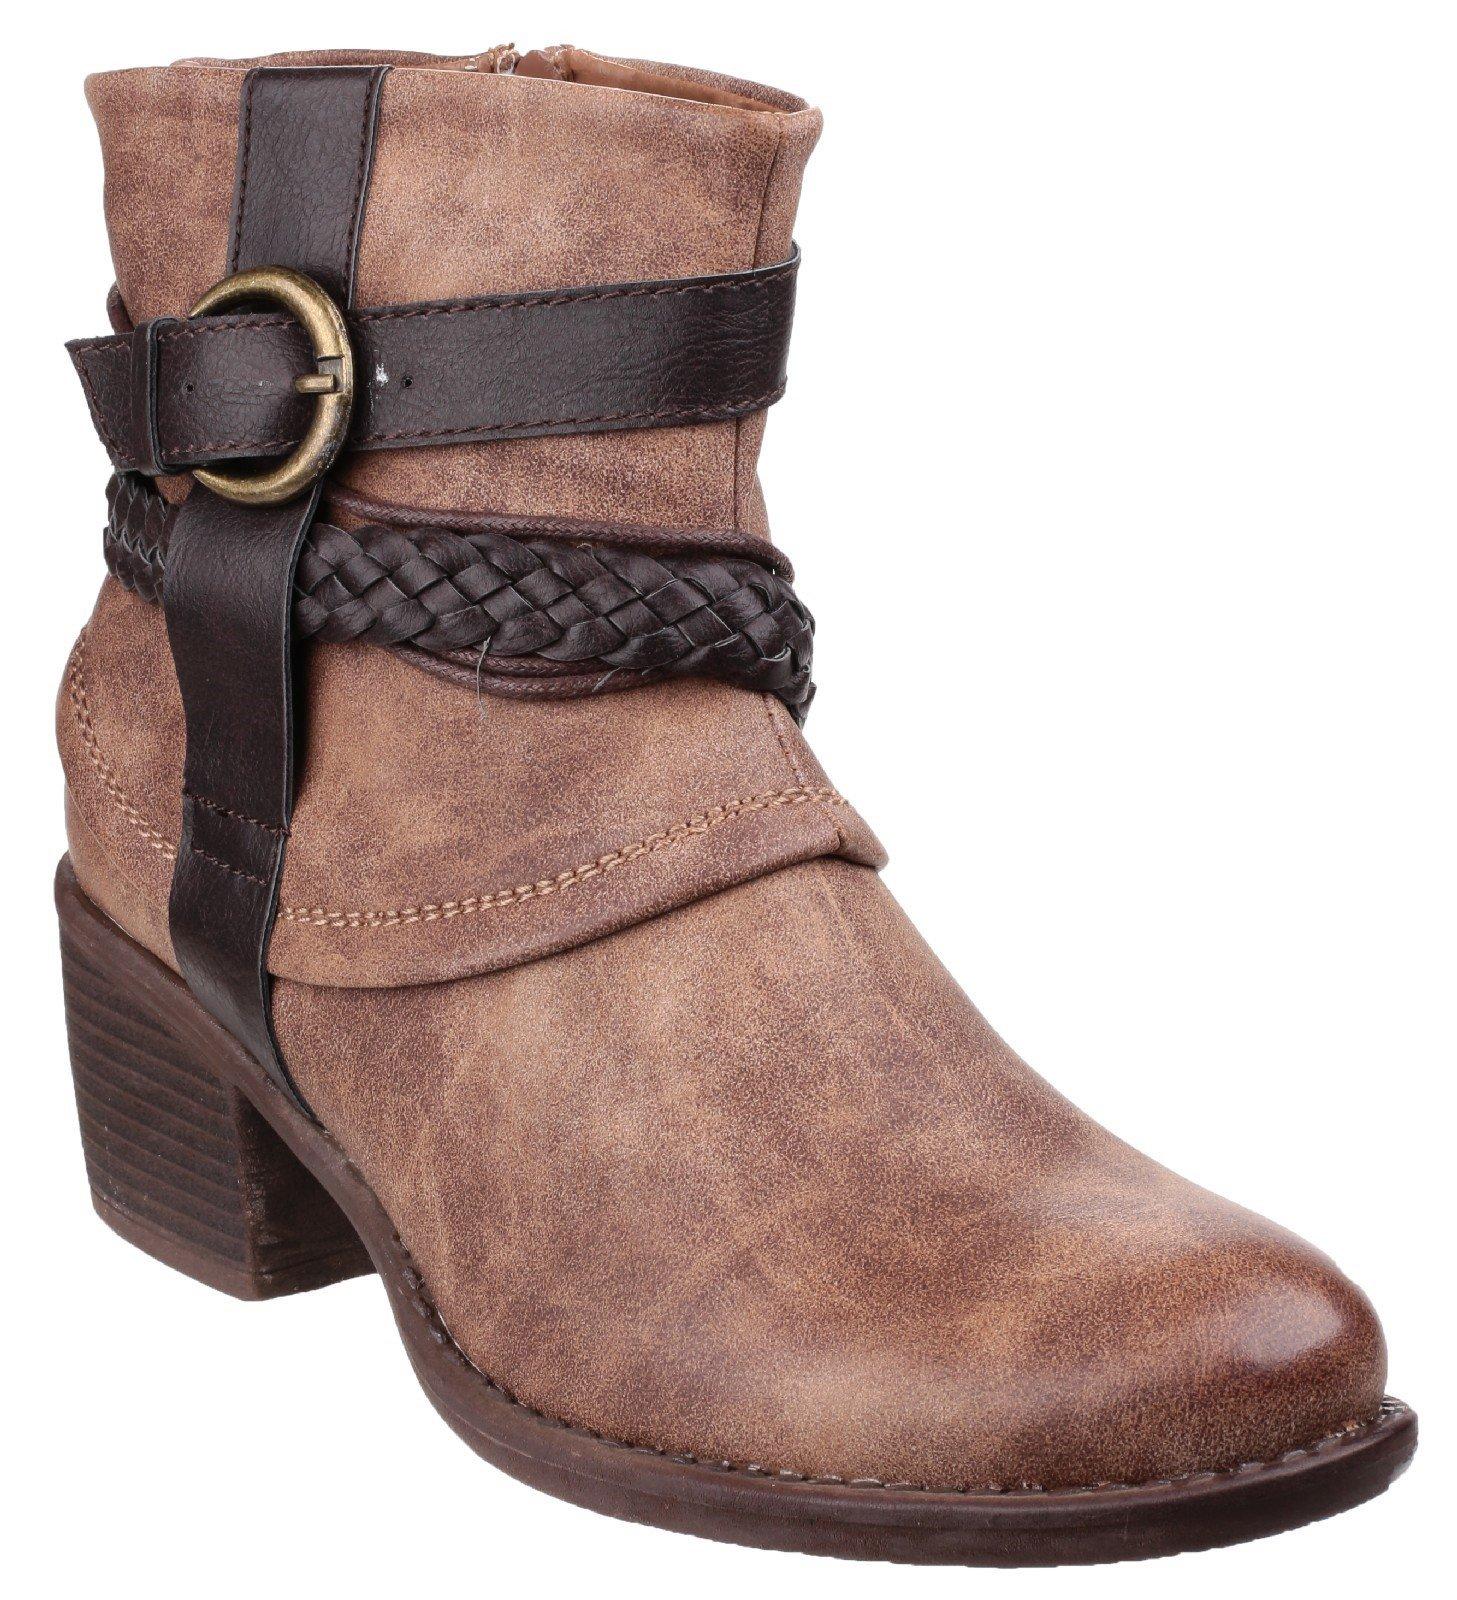 Divaz Women's Vado Zip Up Ankle Boot Brown 22807-37232 - Tan 3